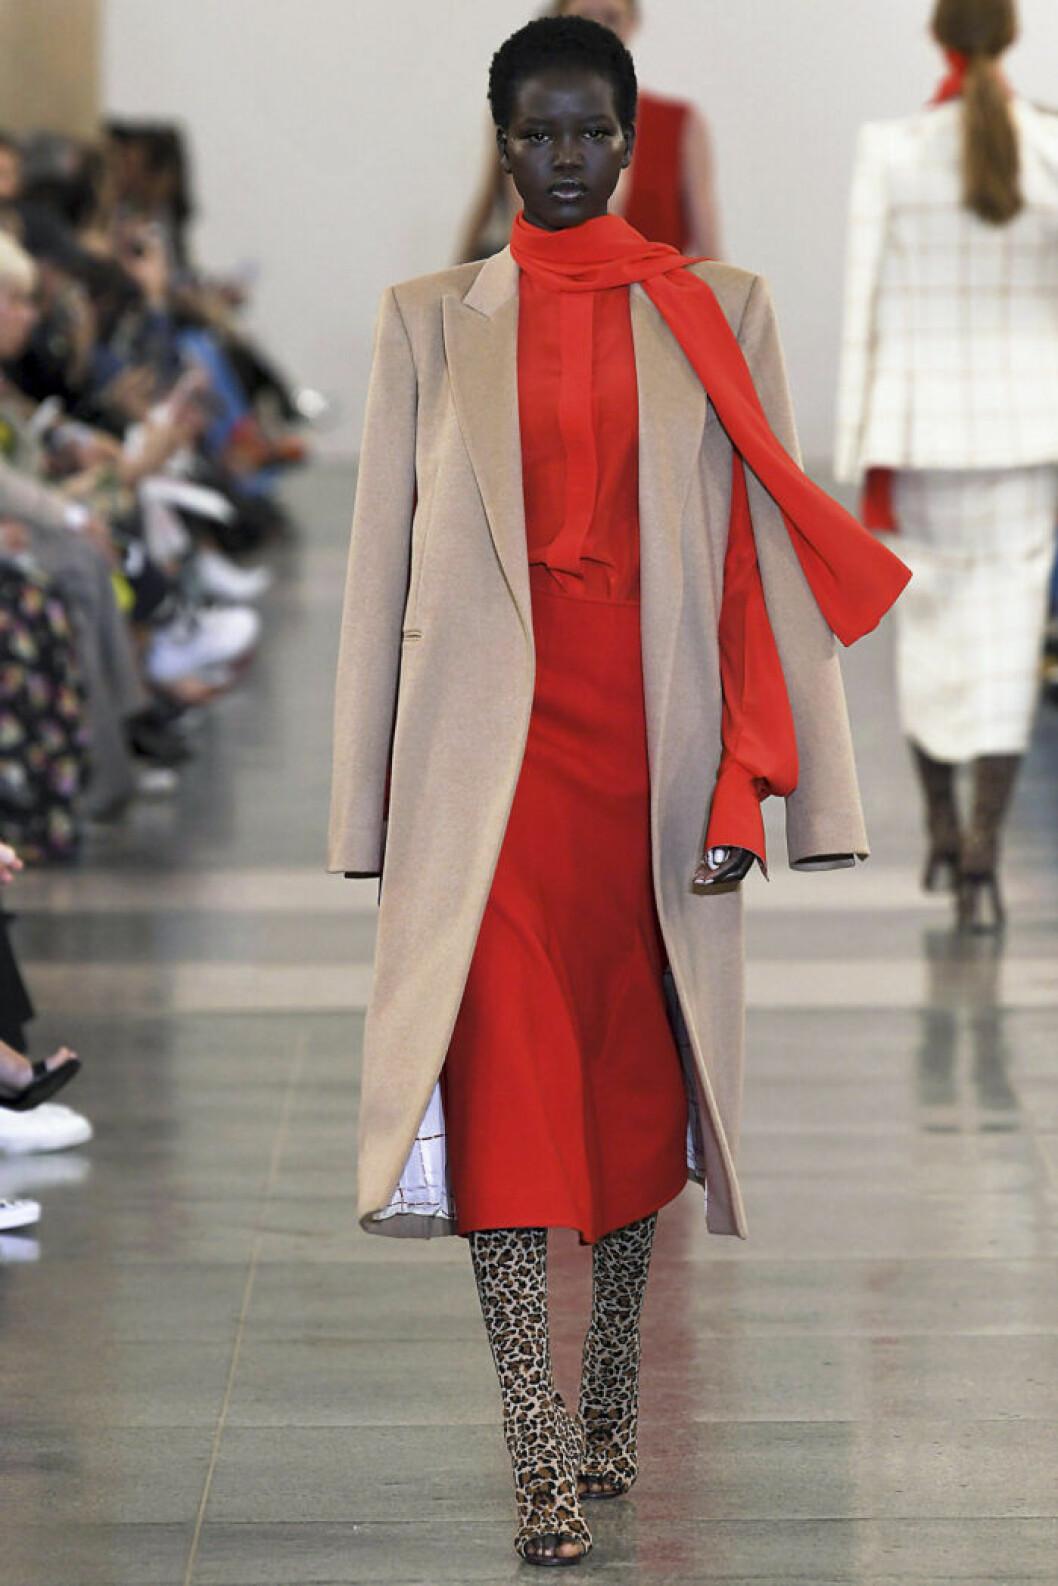 Modell på catwalk